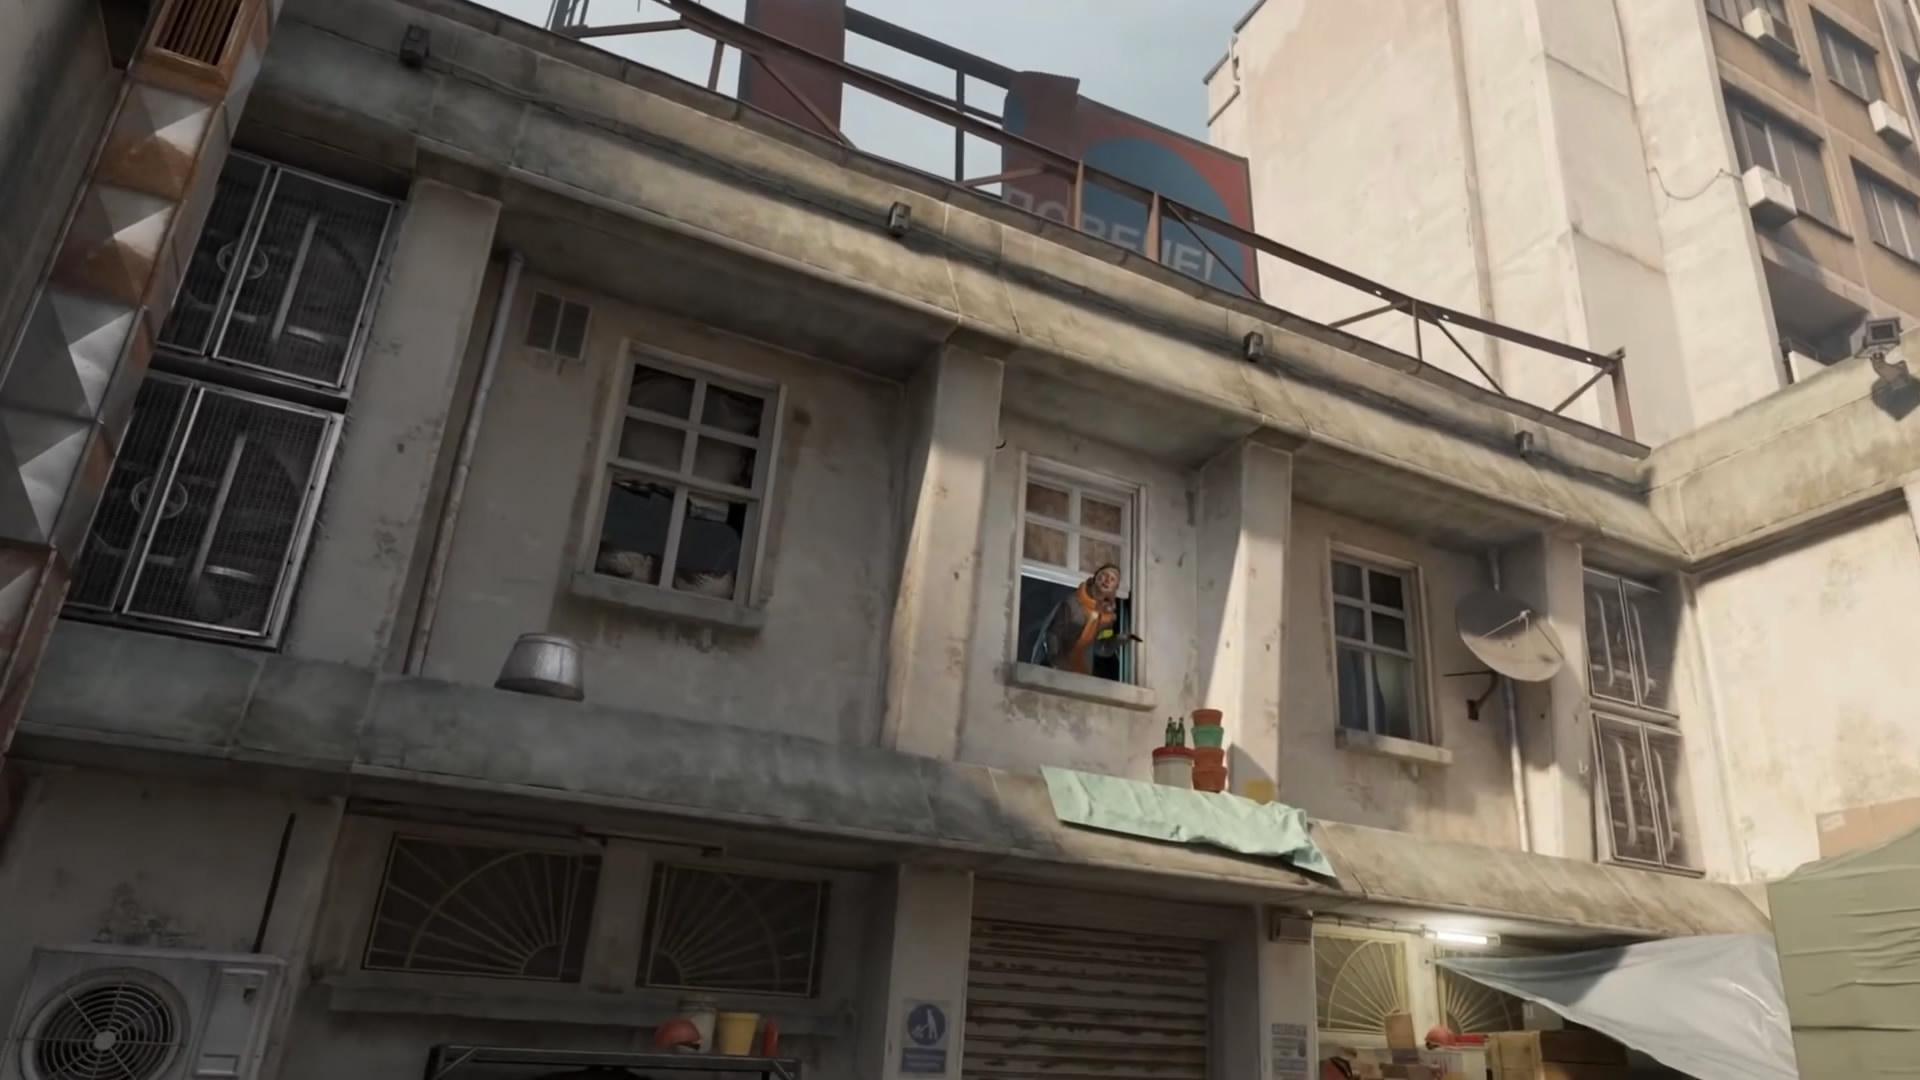 《半条命:爱莉克斯》最新试玩画面曝光,细节质量炸裂_玩家